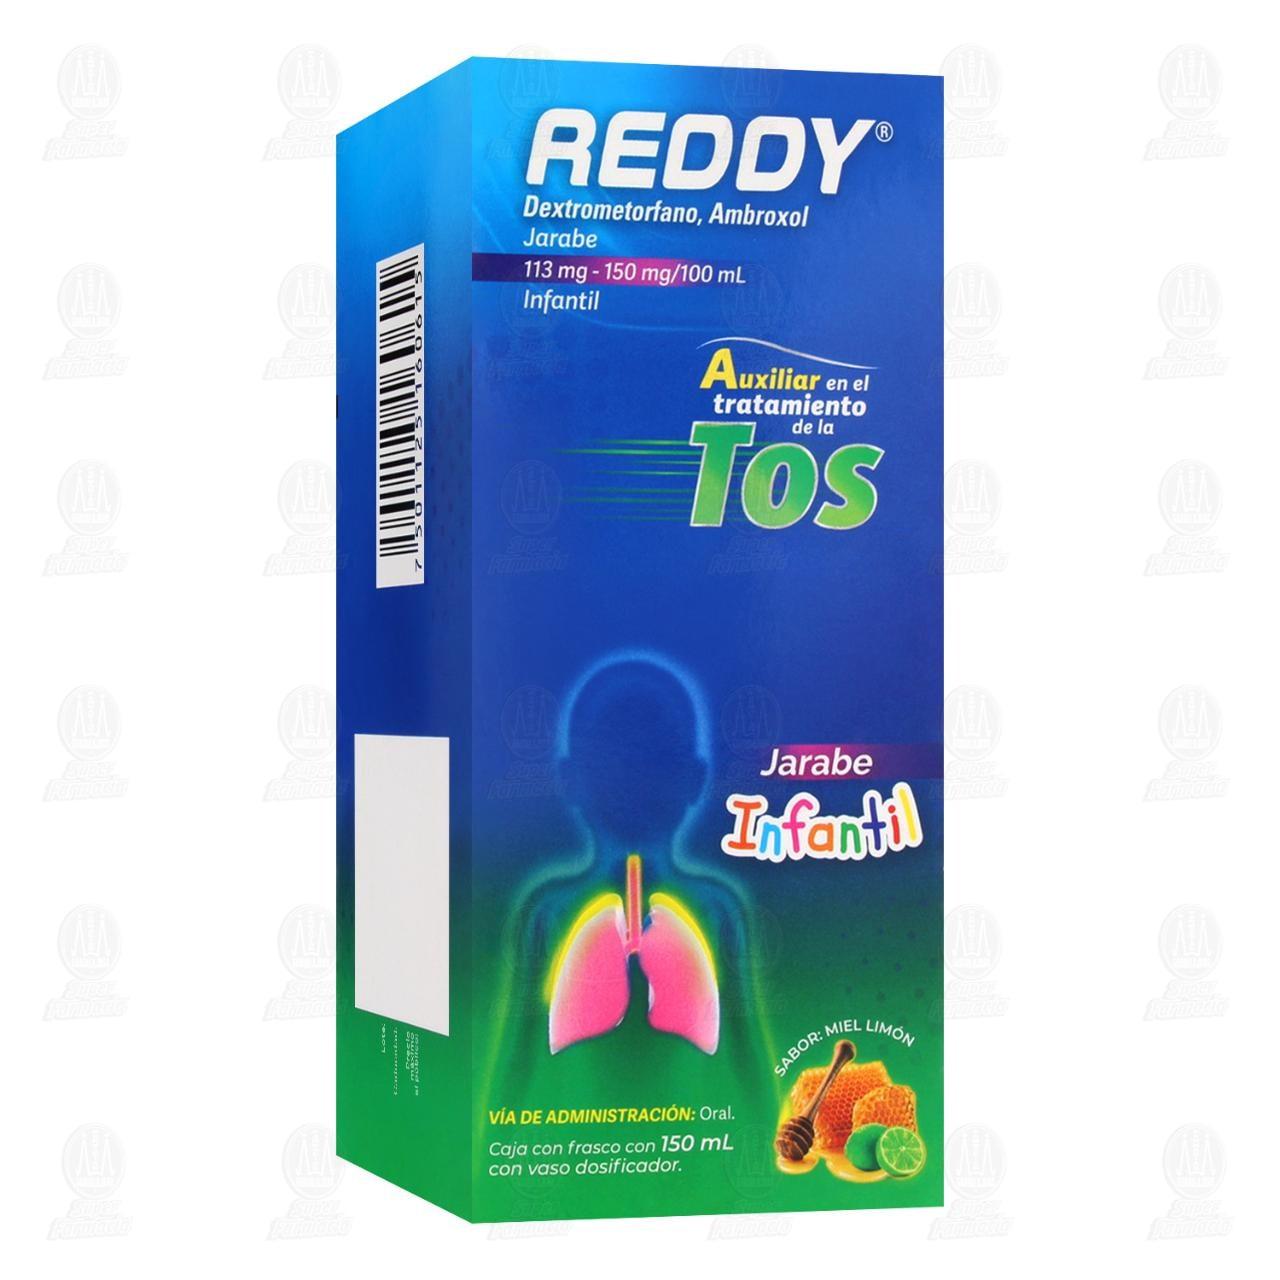 comprar https://www.movil.farmaciasguadalajara.com/wcsstore/FGCAS/wcs/products/1192434_A_1280_AL.jpg en farmacias guadalajara